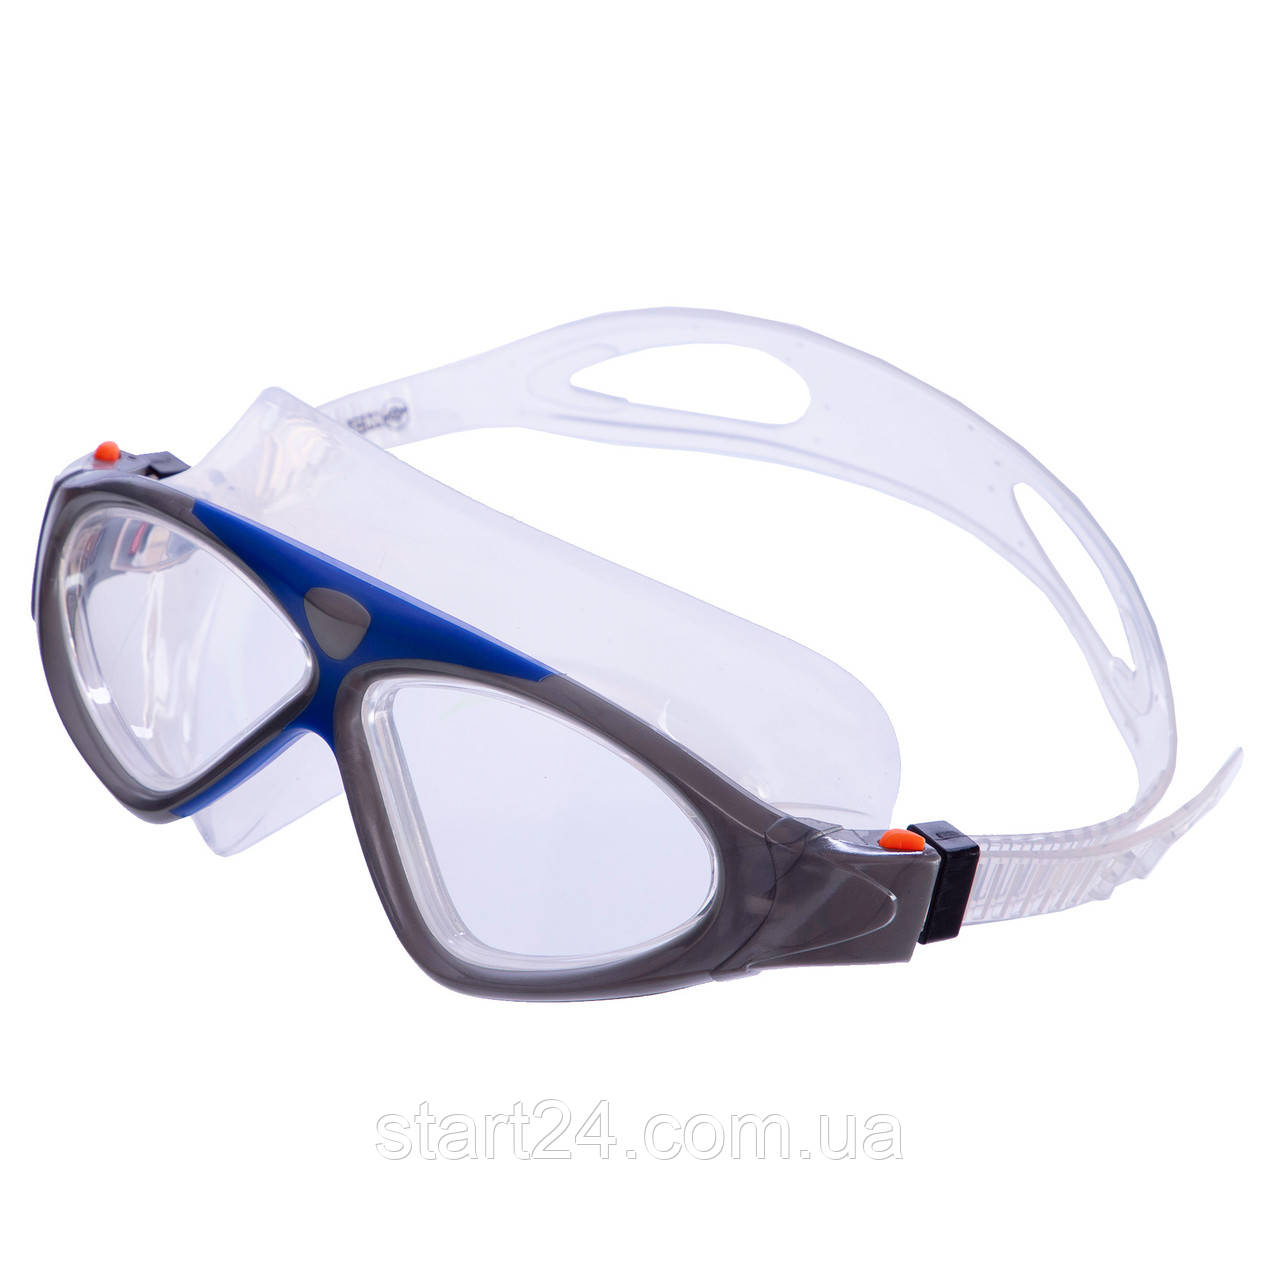 Окуляри-напівмаска для плавання GA1149 (полікарбонат, силікон, кольори в асортименті)